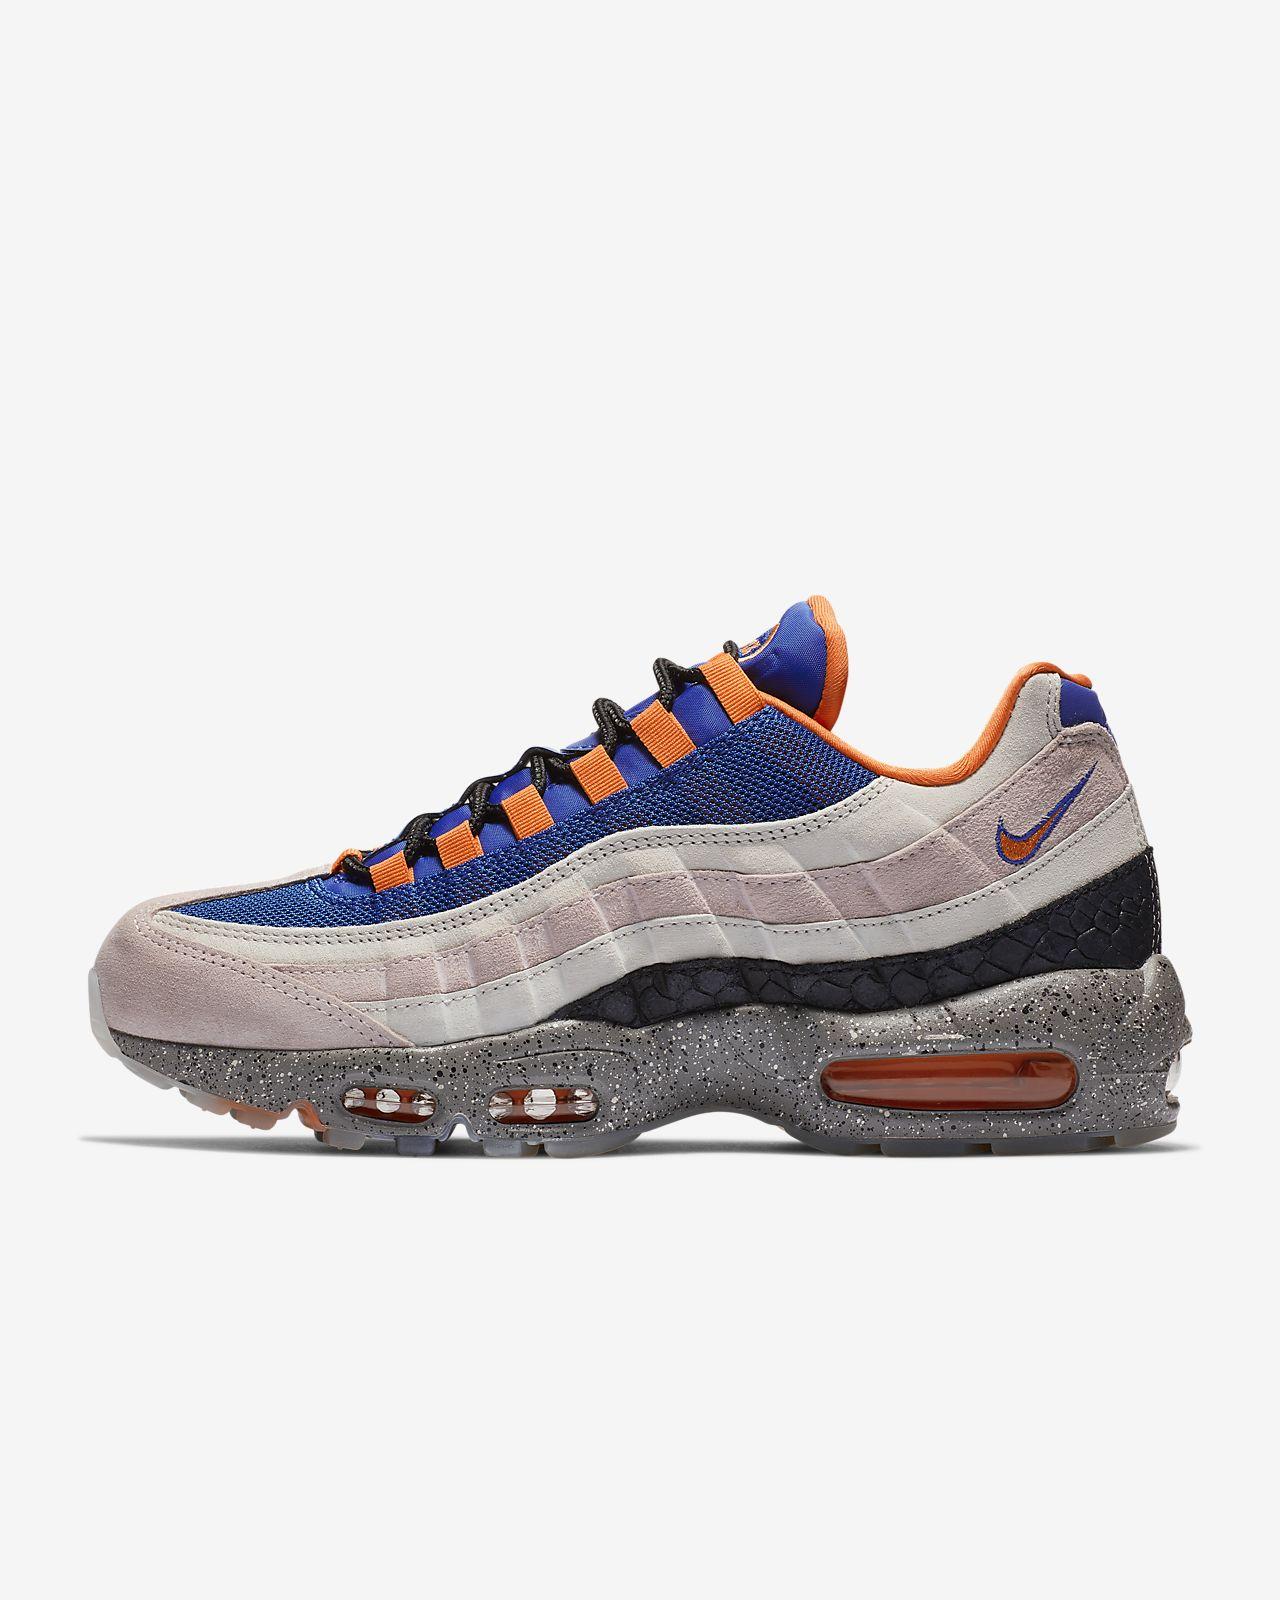 los angeles a8a26 18ca2 ... Nike Air Max 95 Men s Shoe